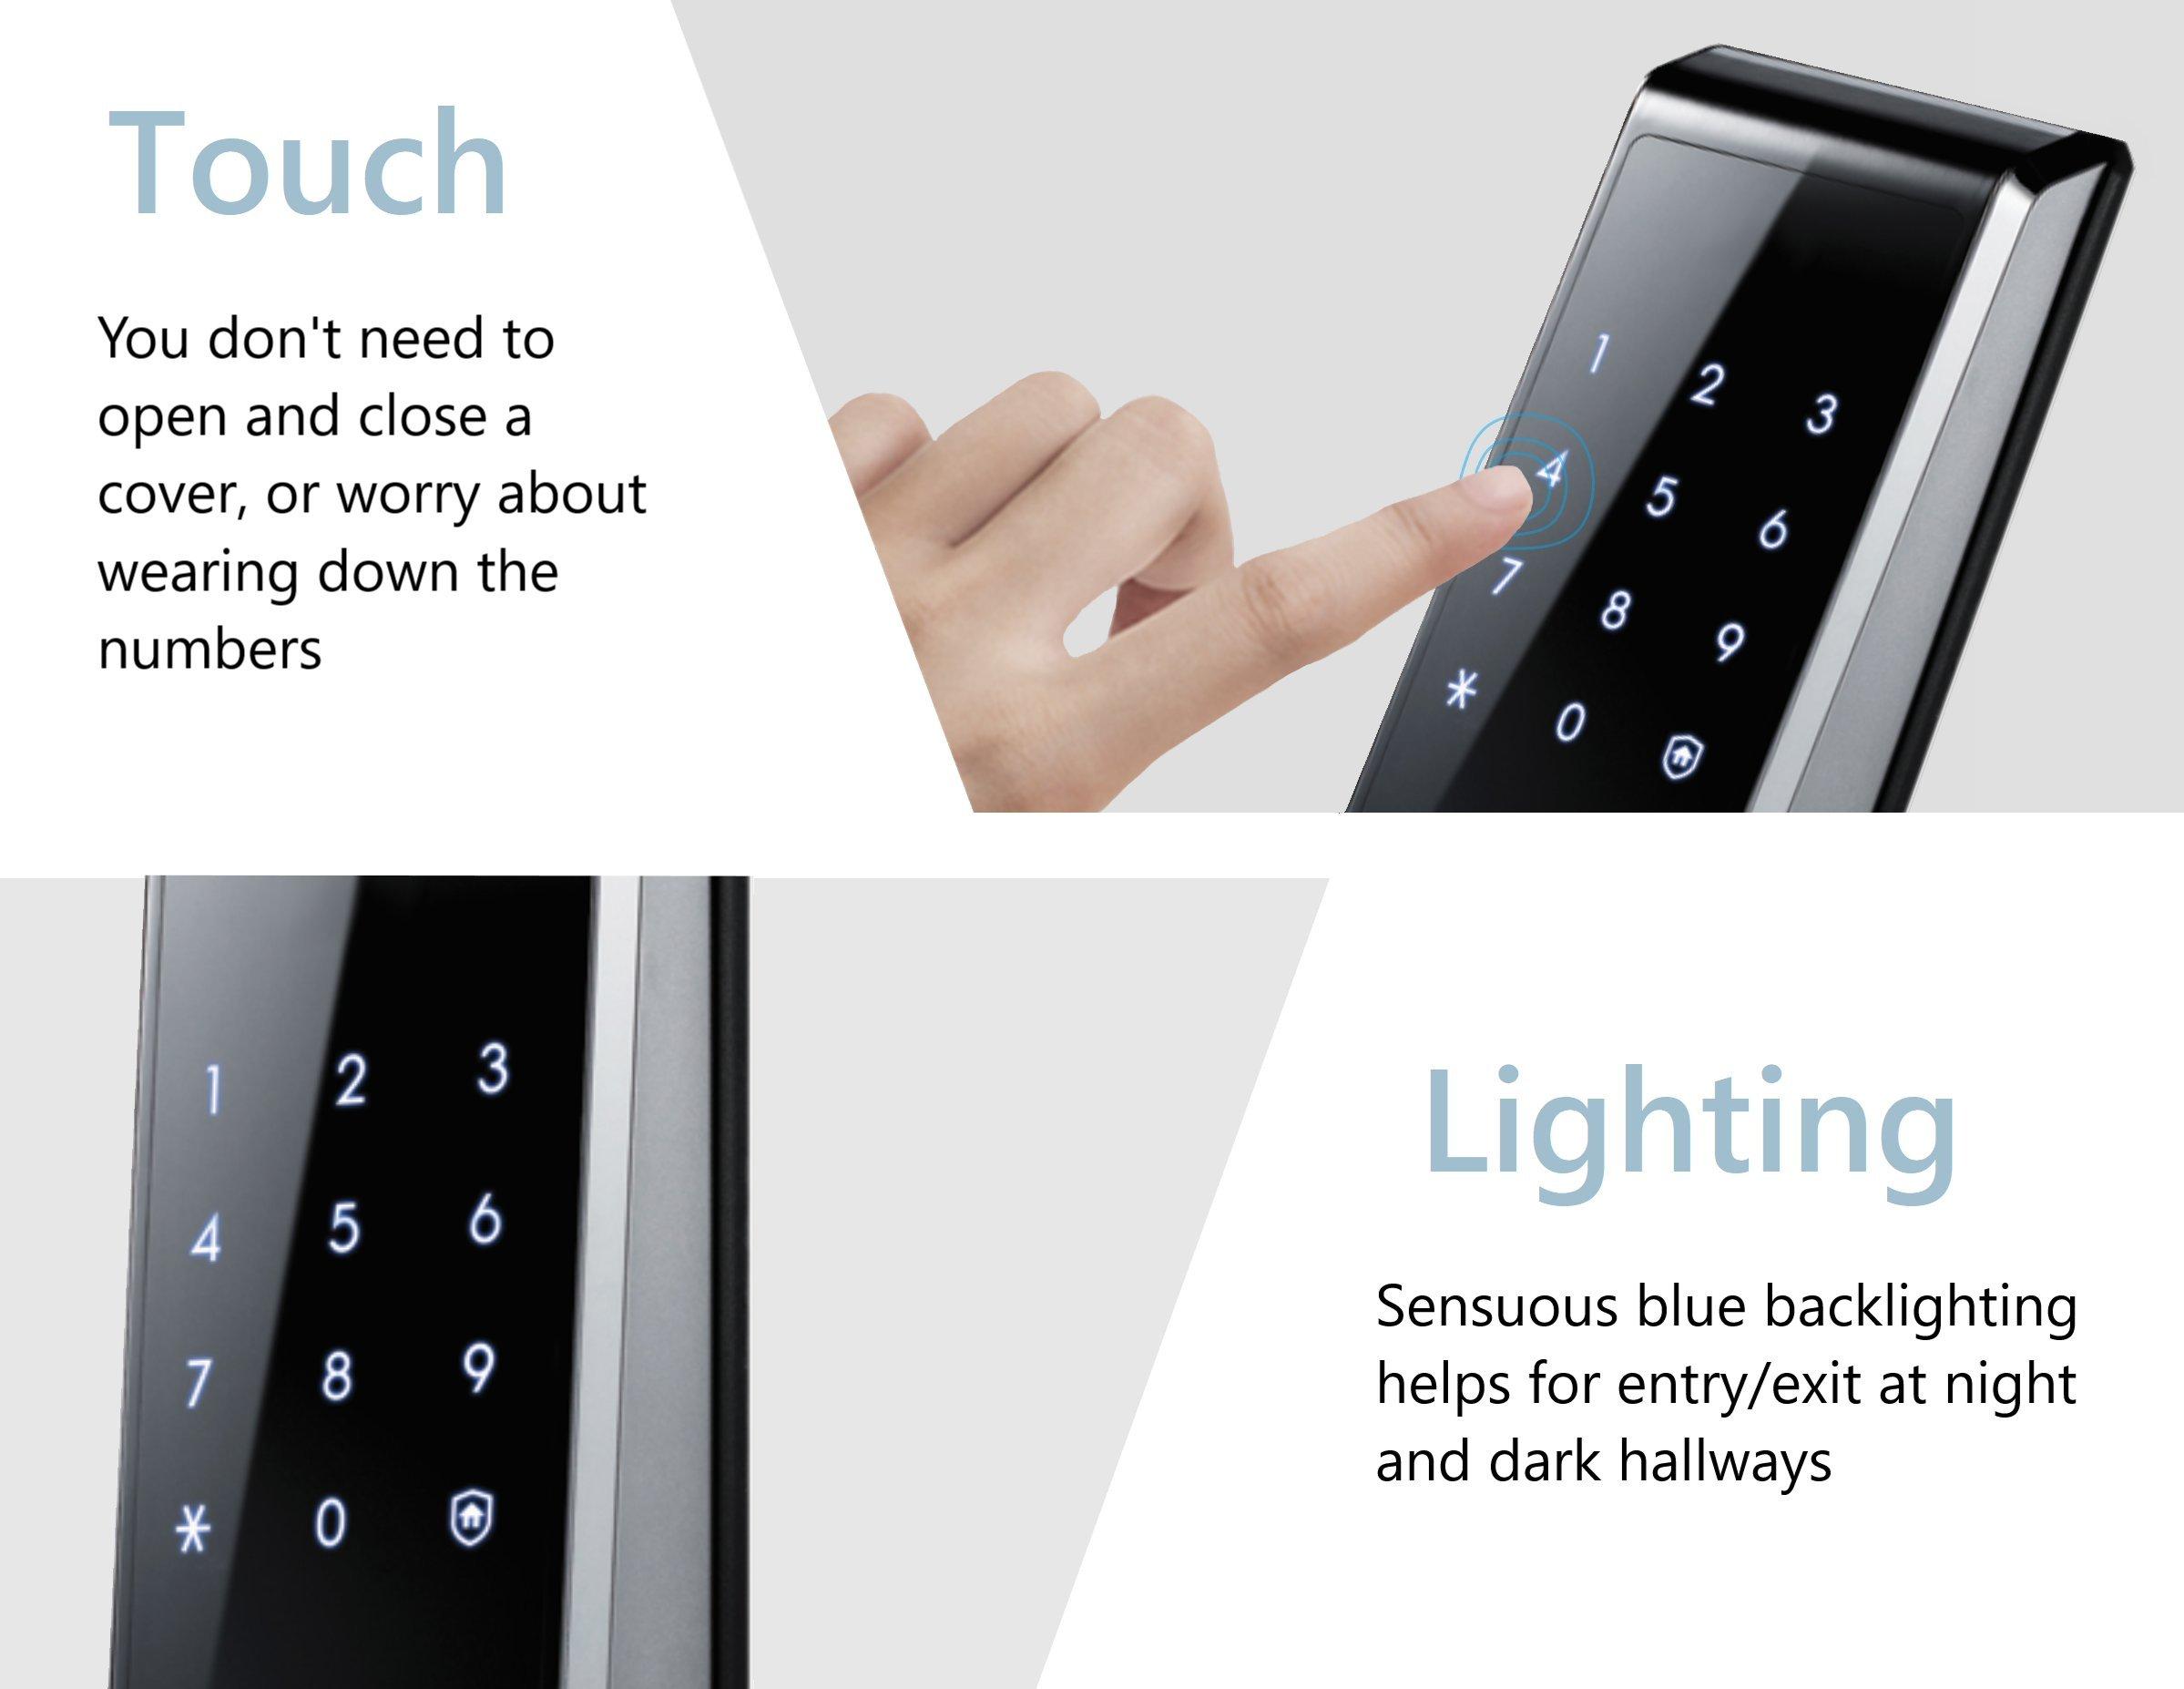 Samsung Shs H705 Fmk Biometric Digital Door Lock